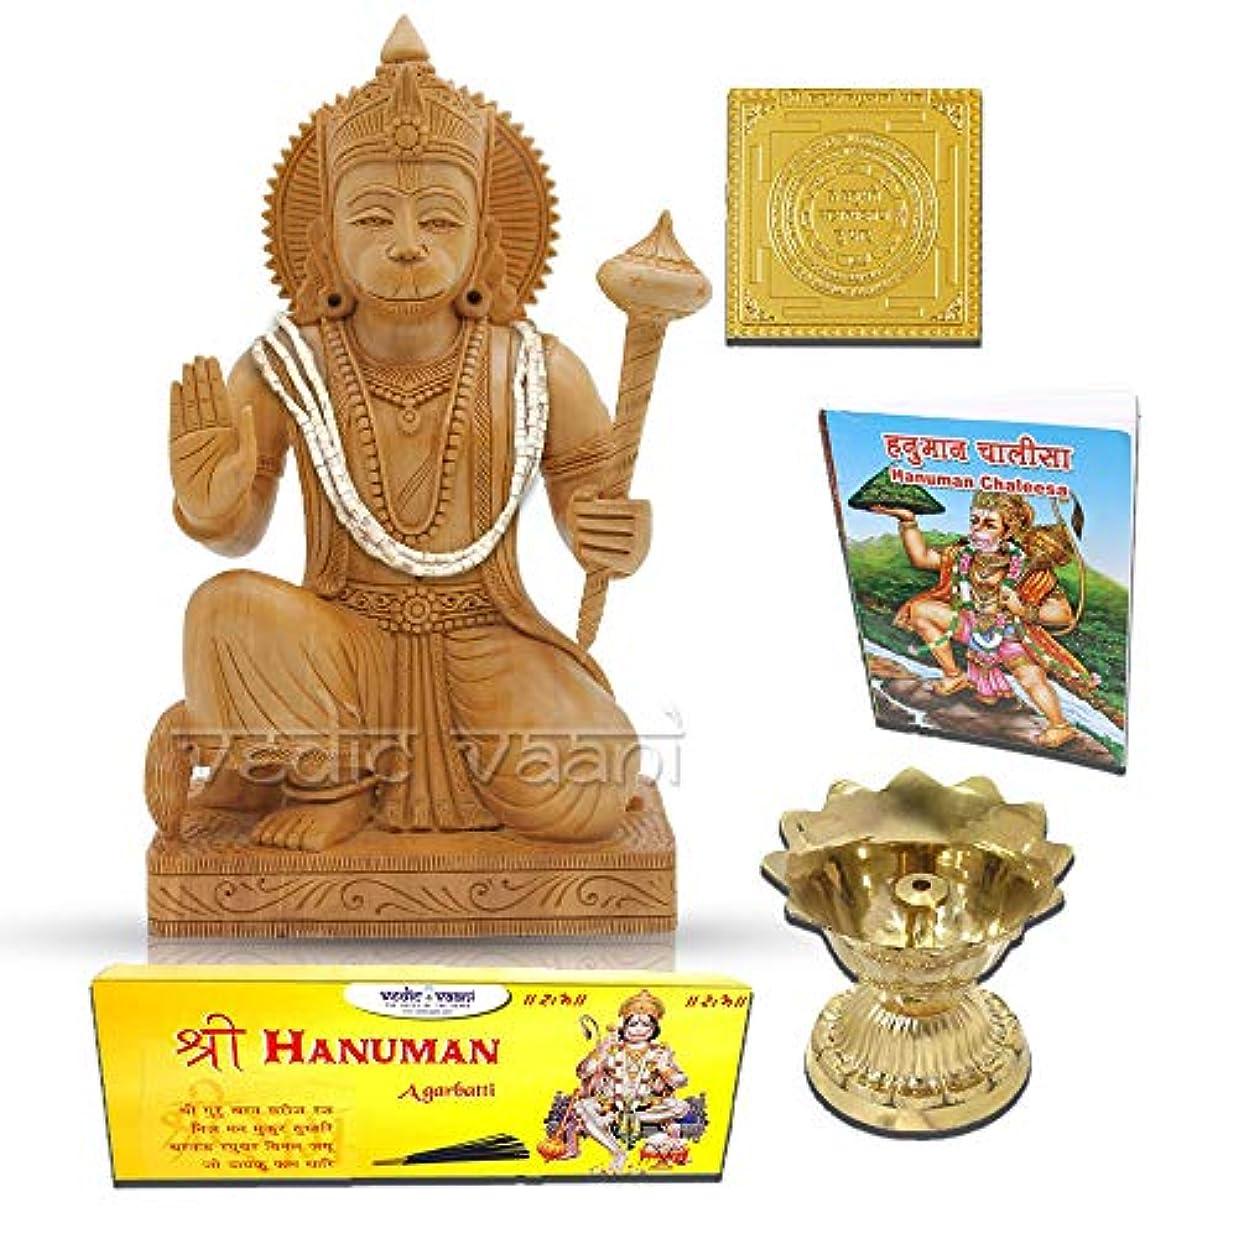 オーバーフローオーバーフロー暗黙Lord Hanuman木製Statue withヤントラ、Chalisa、Diya and Incense Sticks Vedic Vaani